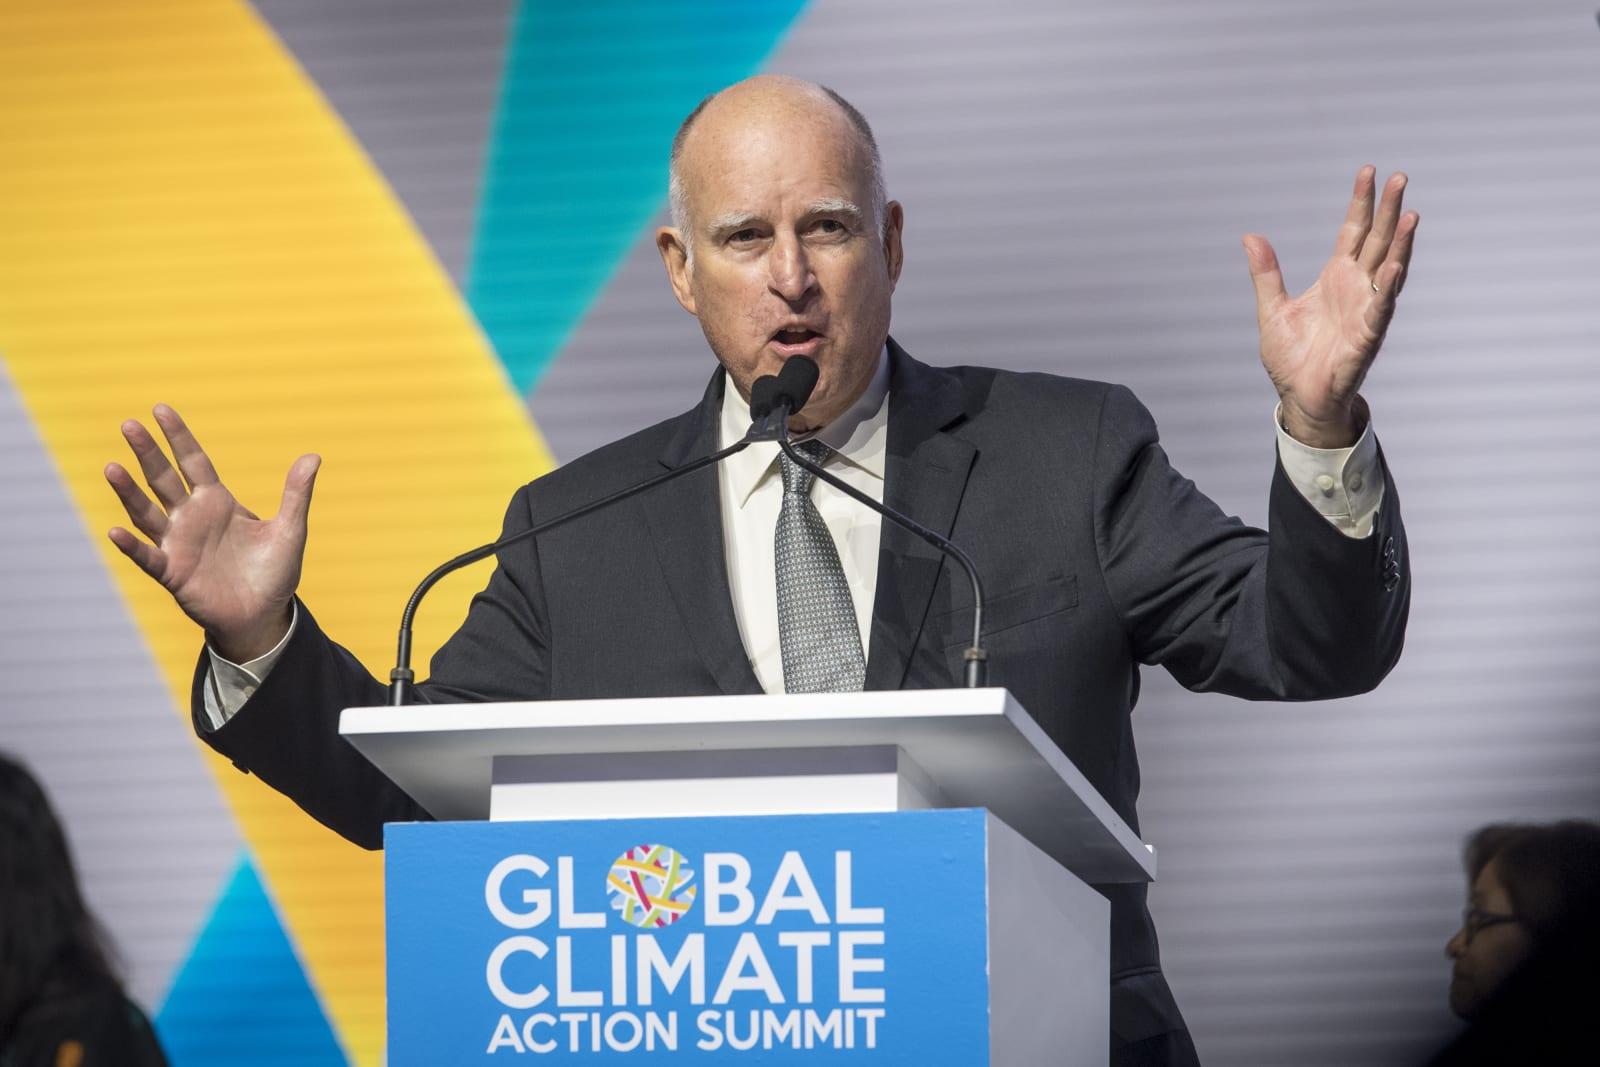 ล้ำหน้าโชว์ ไม่ง้อทำเนียบขาว! รัฐแคลิฟอร์เนียจะสร้างดาวเทียมสำรวจอากาศของตัวเอง Satellite Donald Trump Climate satellite California